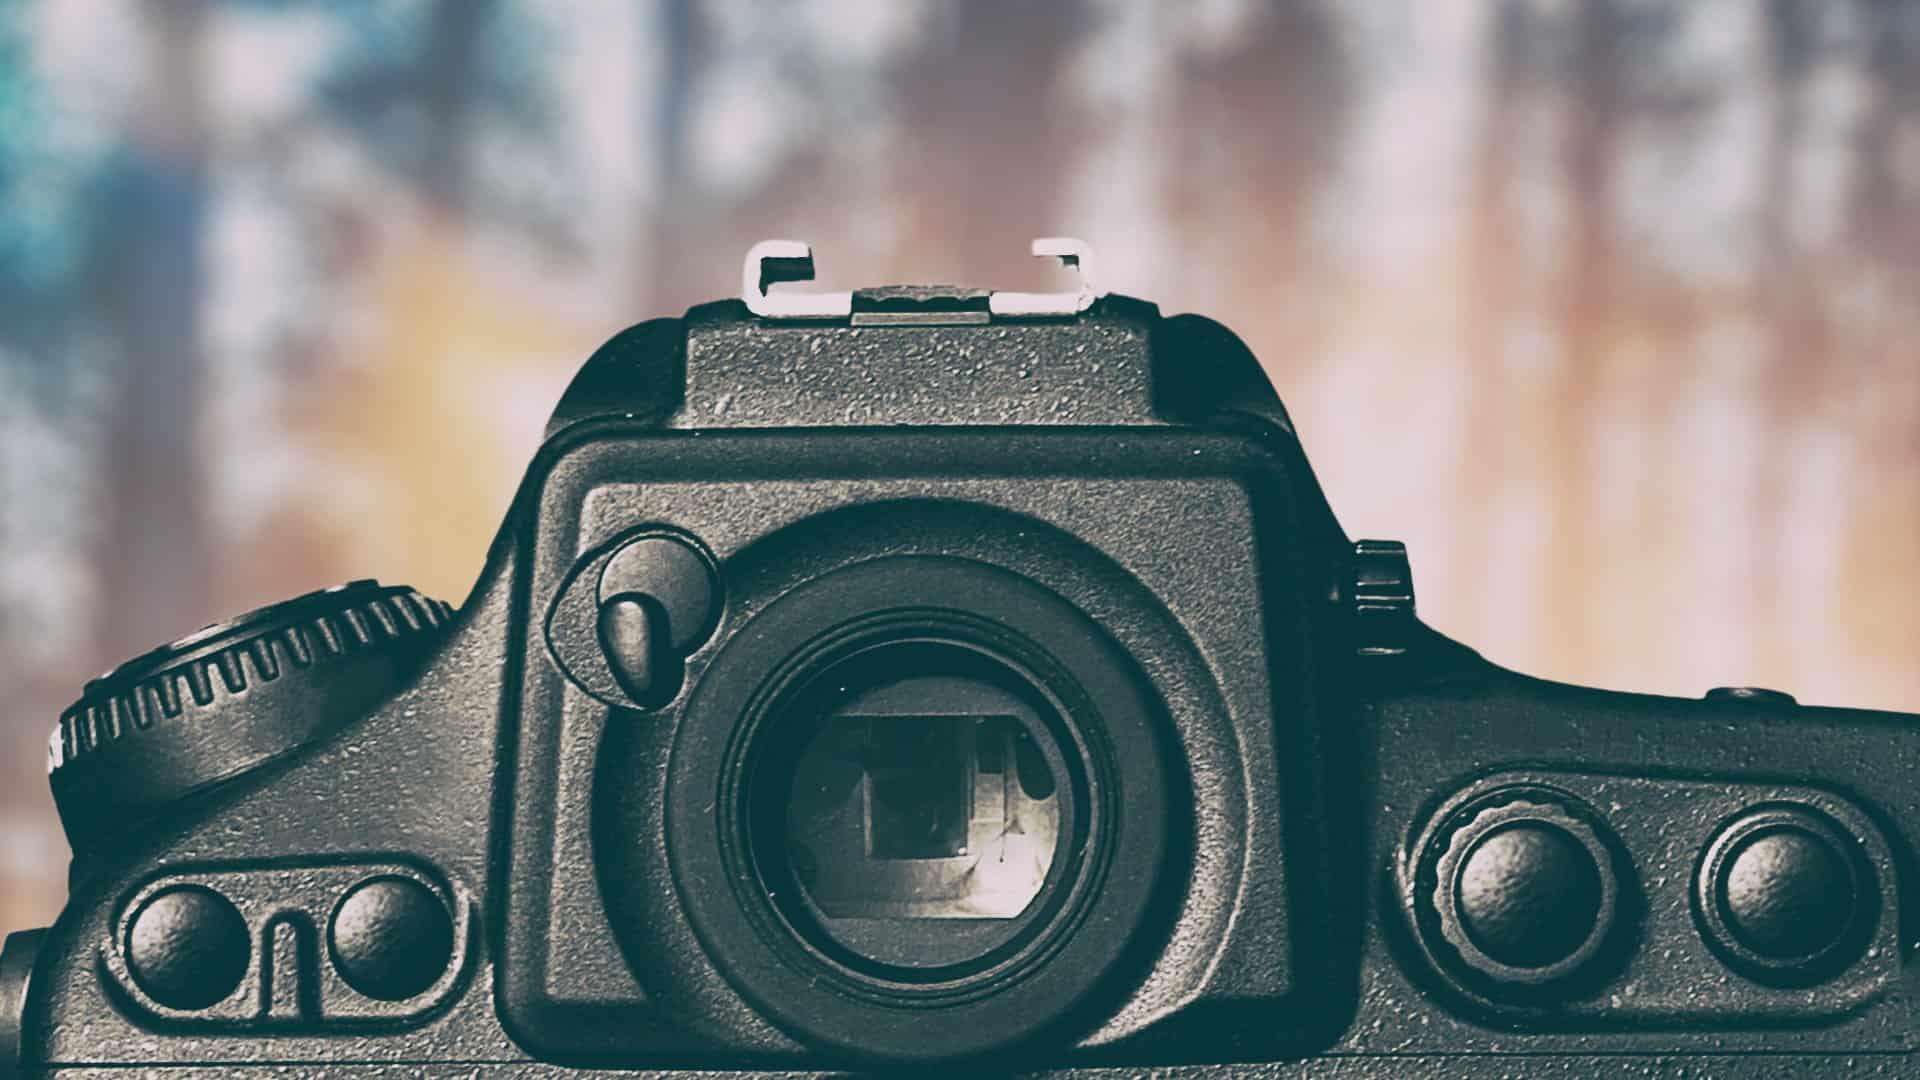 videocamera-principale-xcyp1